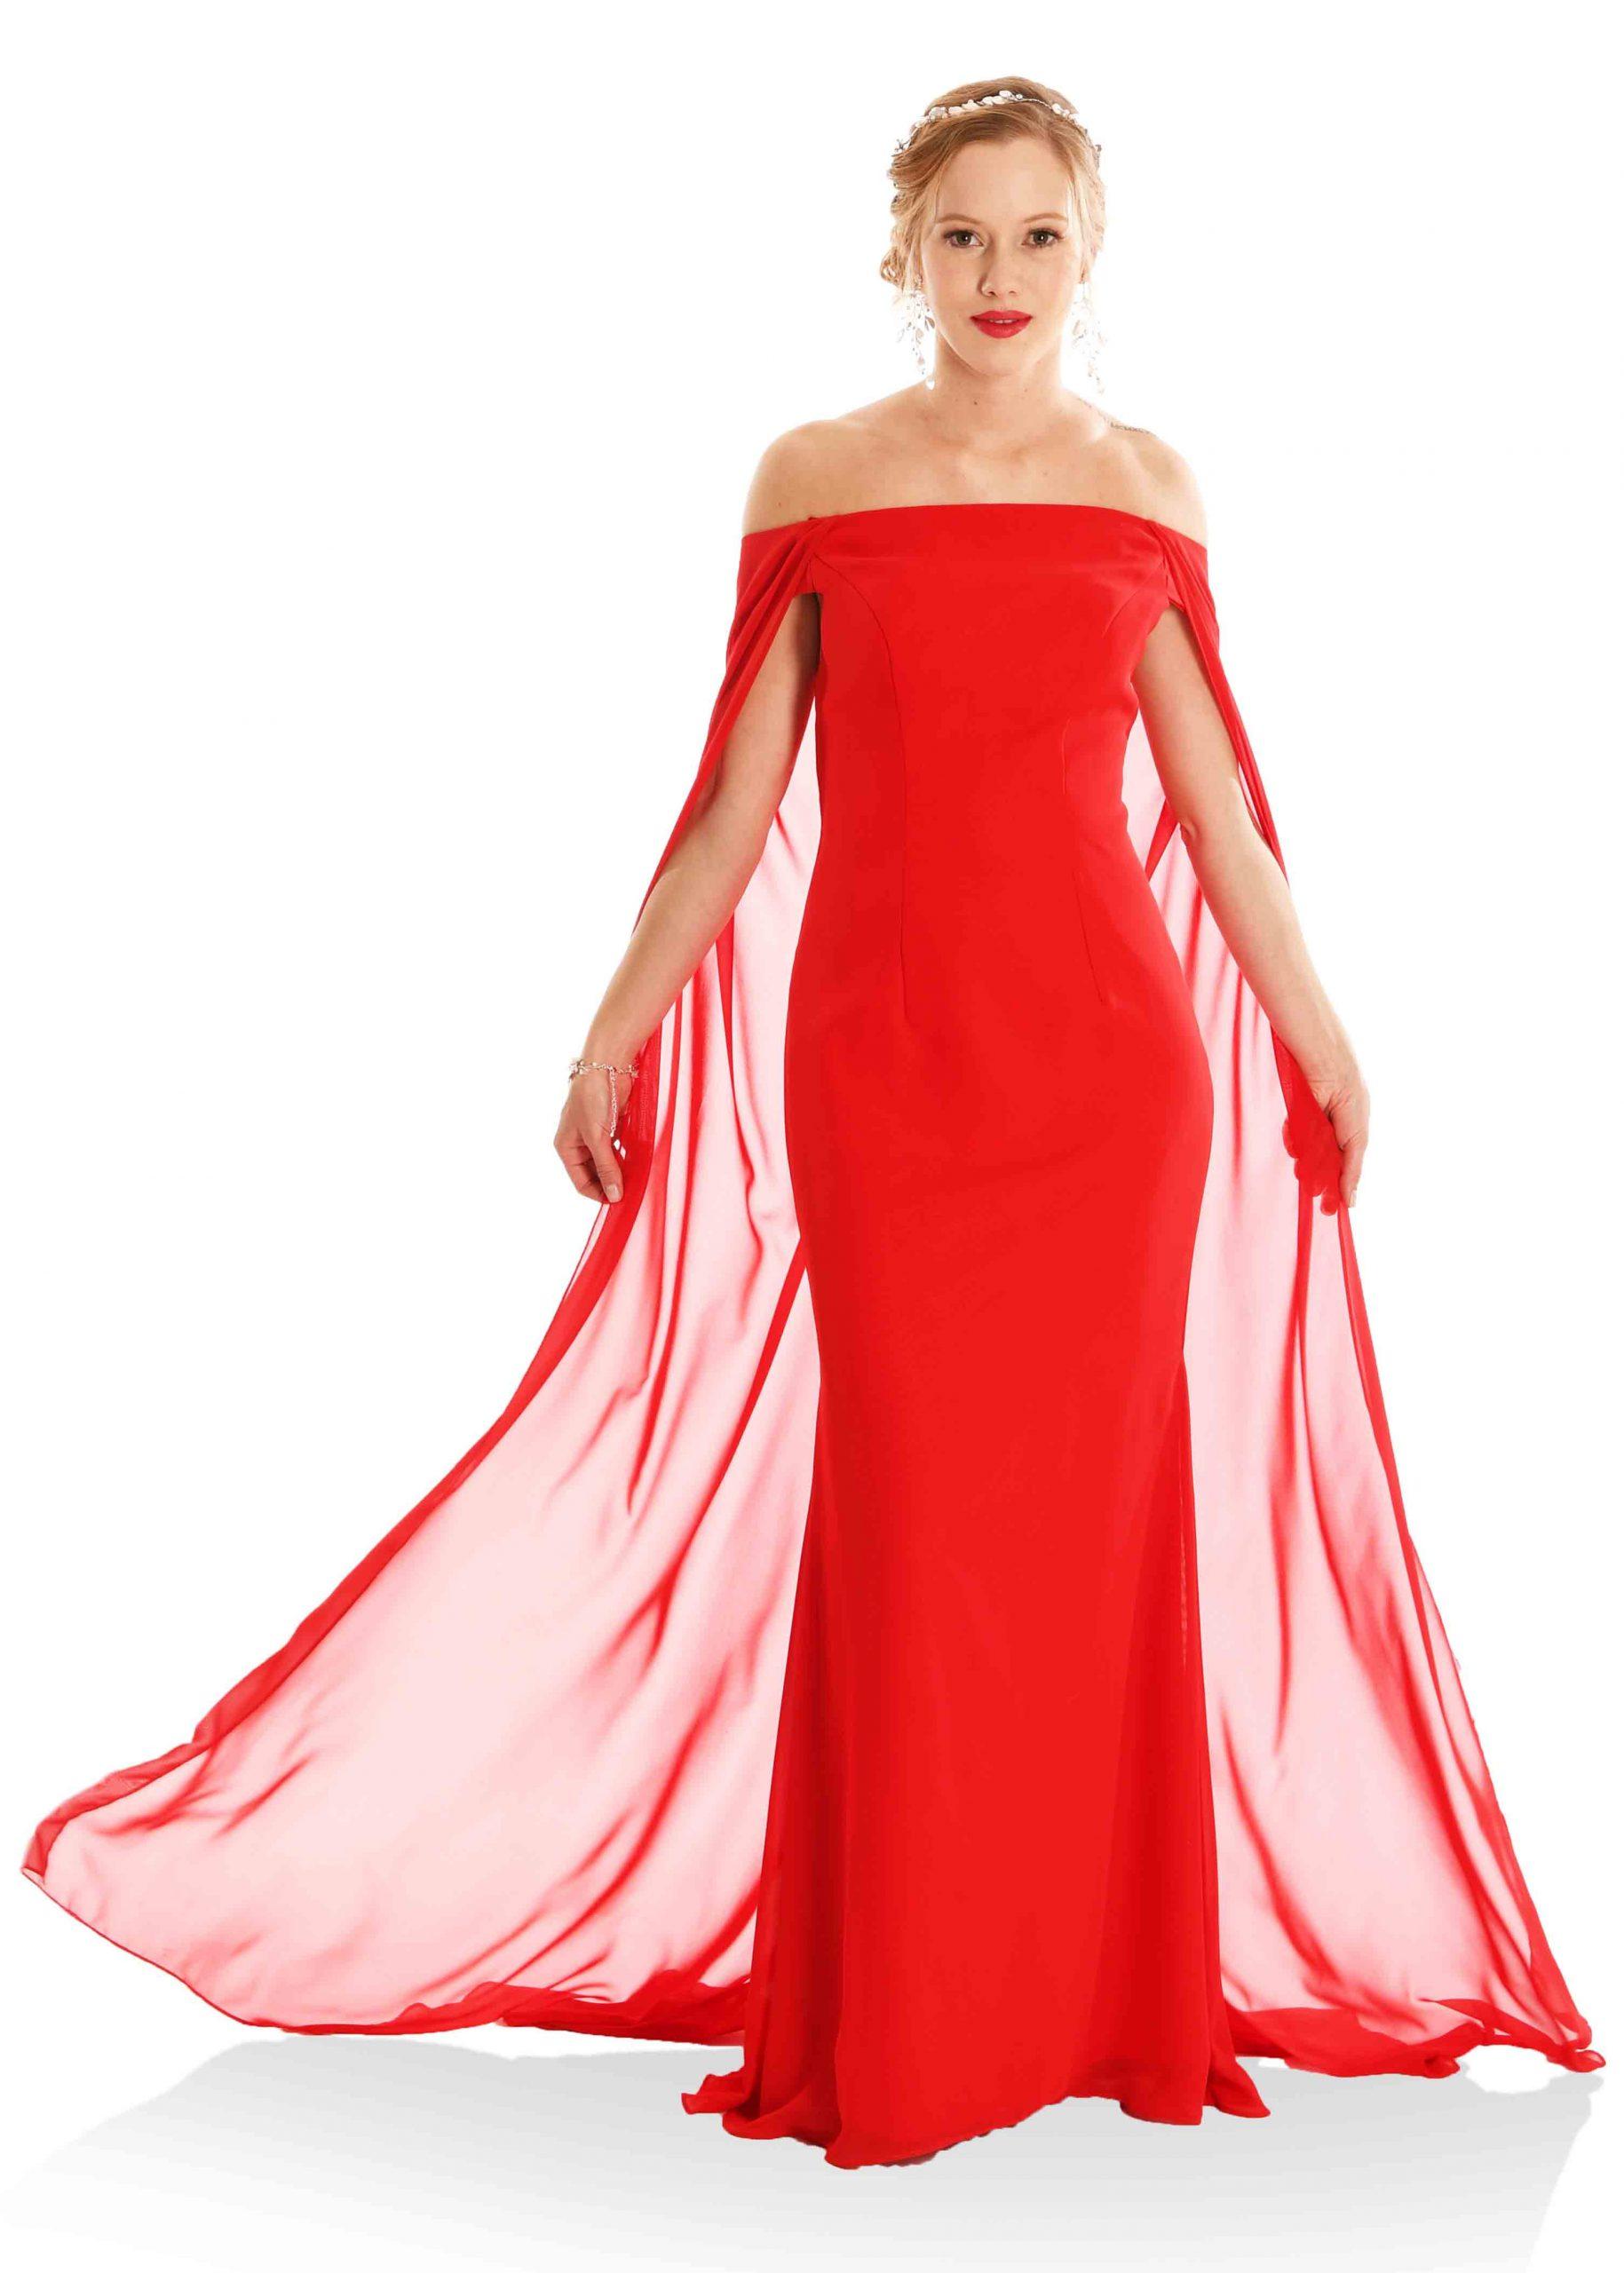 Designer Schön Kleider Mit Ärmel Für Hochzeit Galerie10 Perfekt Kleider Mit Ärmel Für Hochzeit Galerie